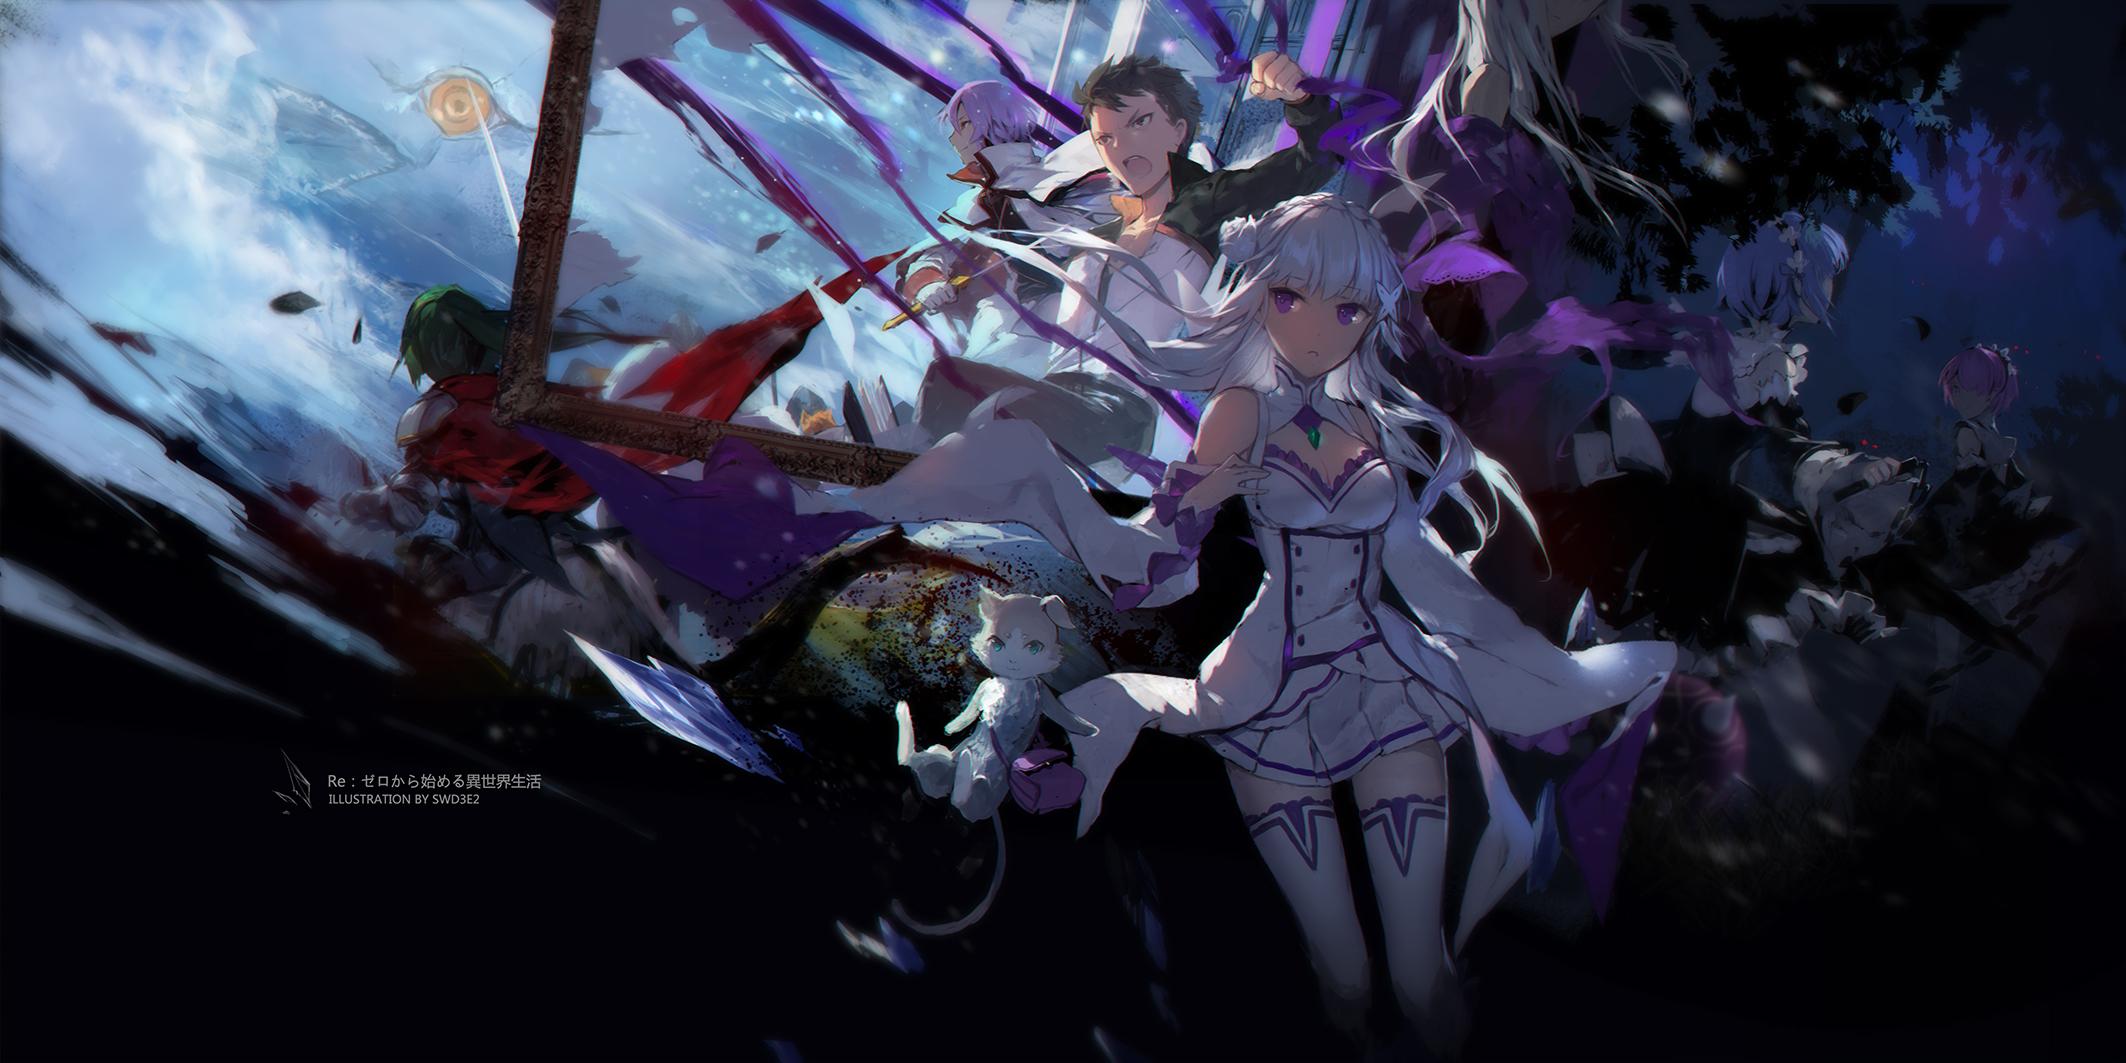 Wallpaper Swd3e2 Re Zero Kara Hajimeru Isekai Seikatsu Anime